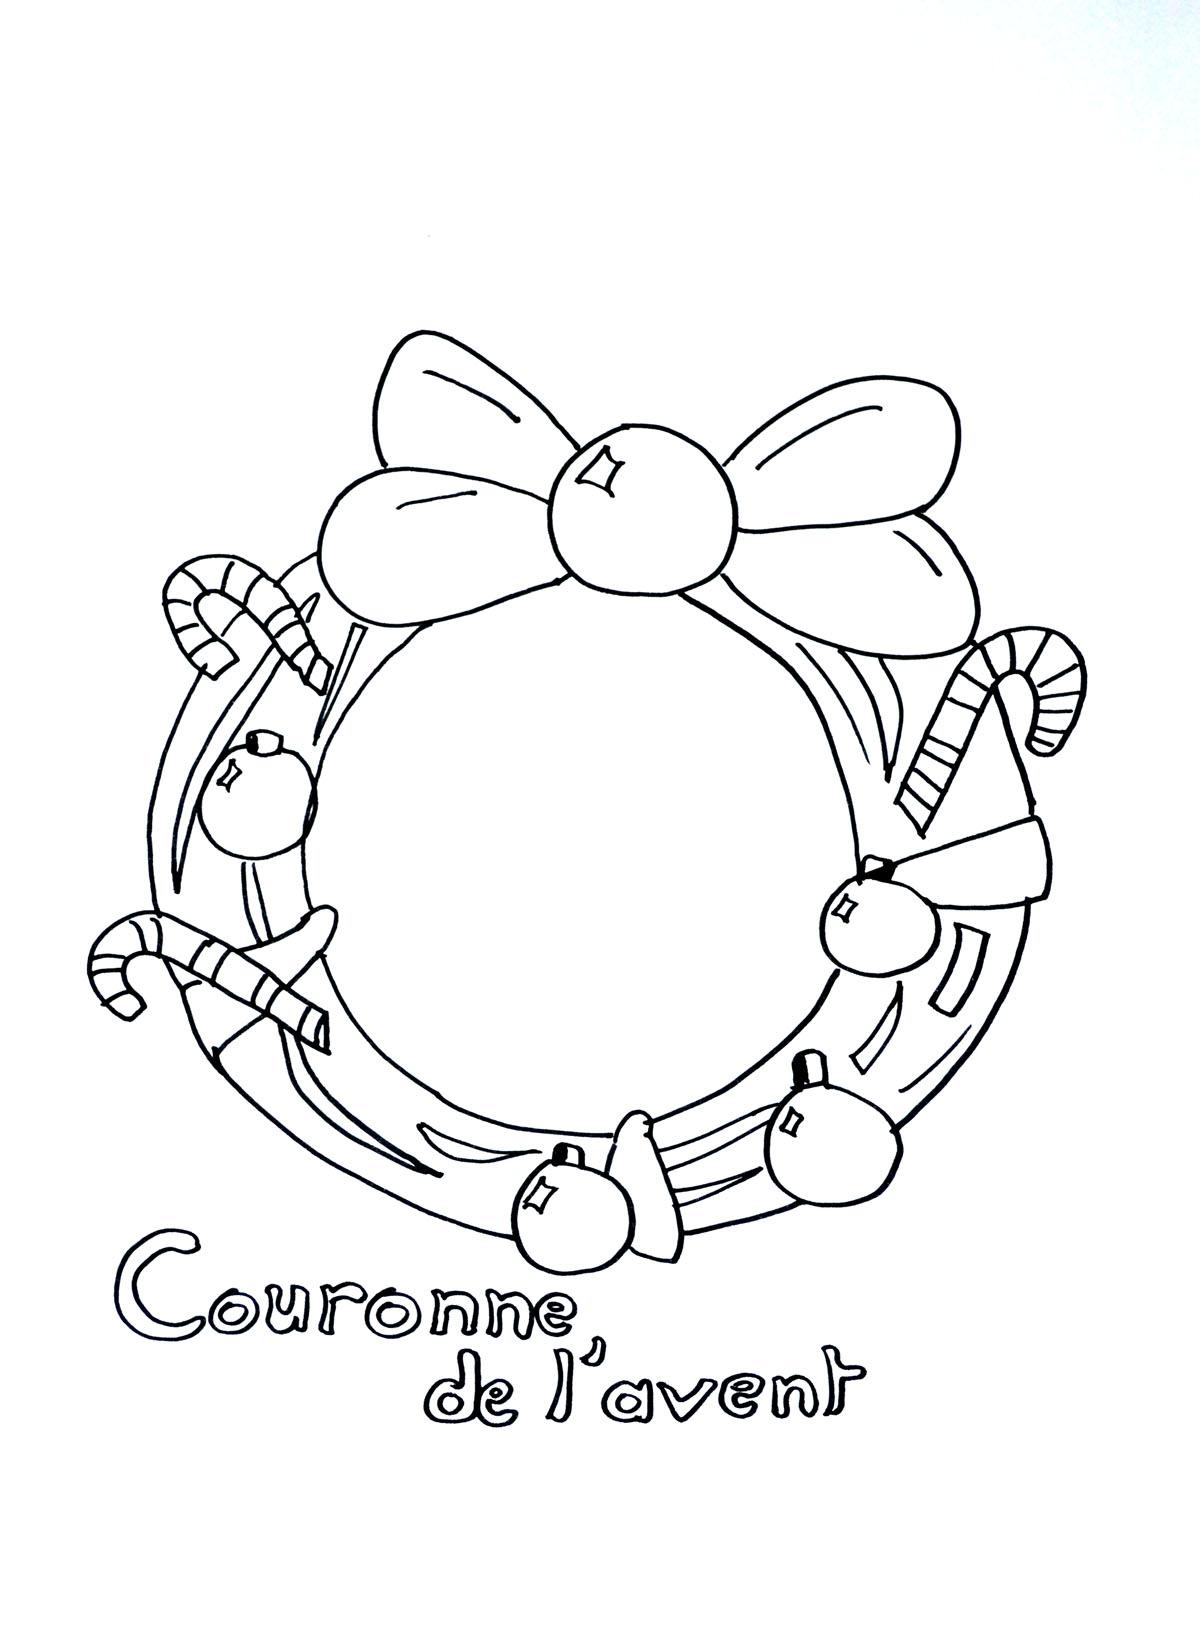 Printable Christmas coloring page to print and color